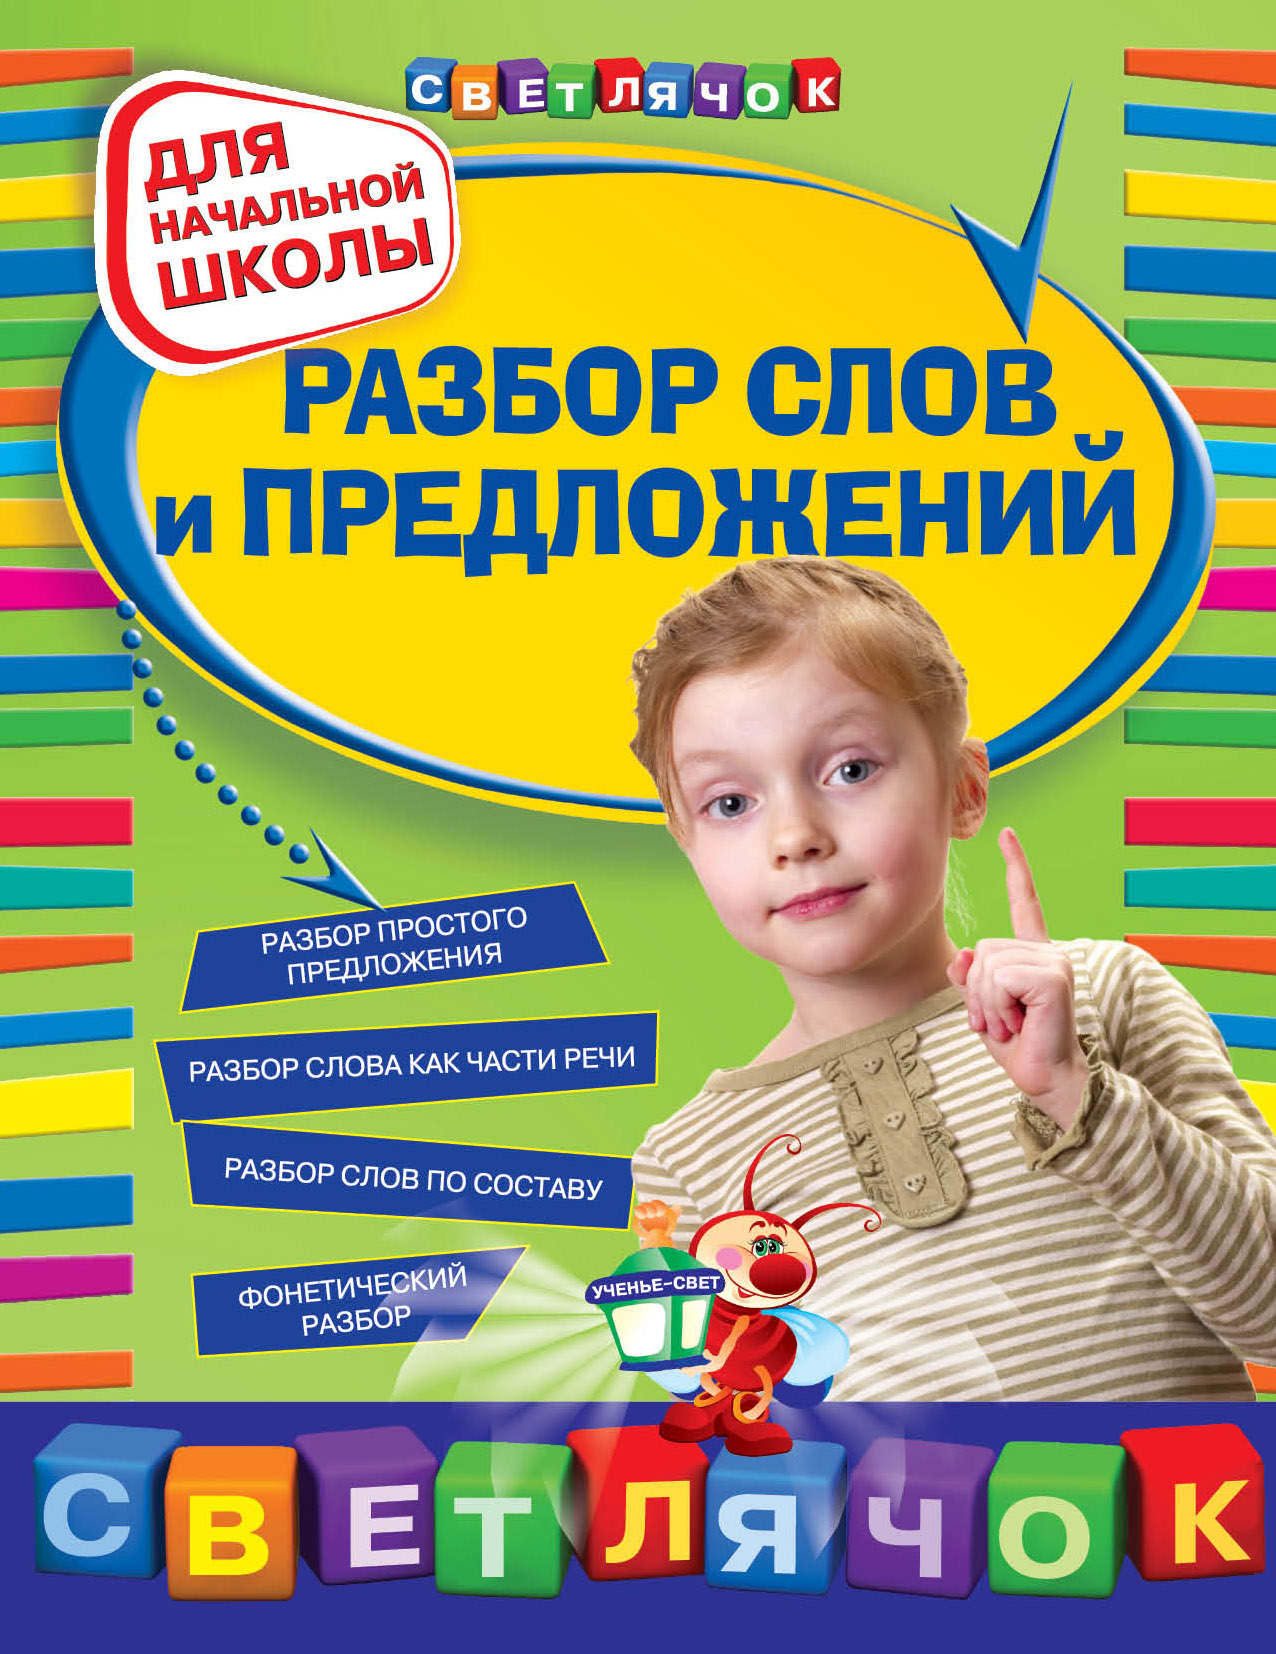 Дорофеева Г.В. Разбор слов и предложений: для начальной школы